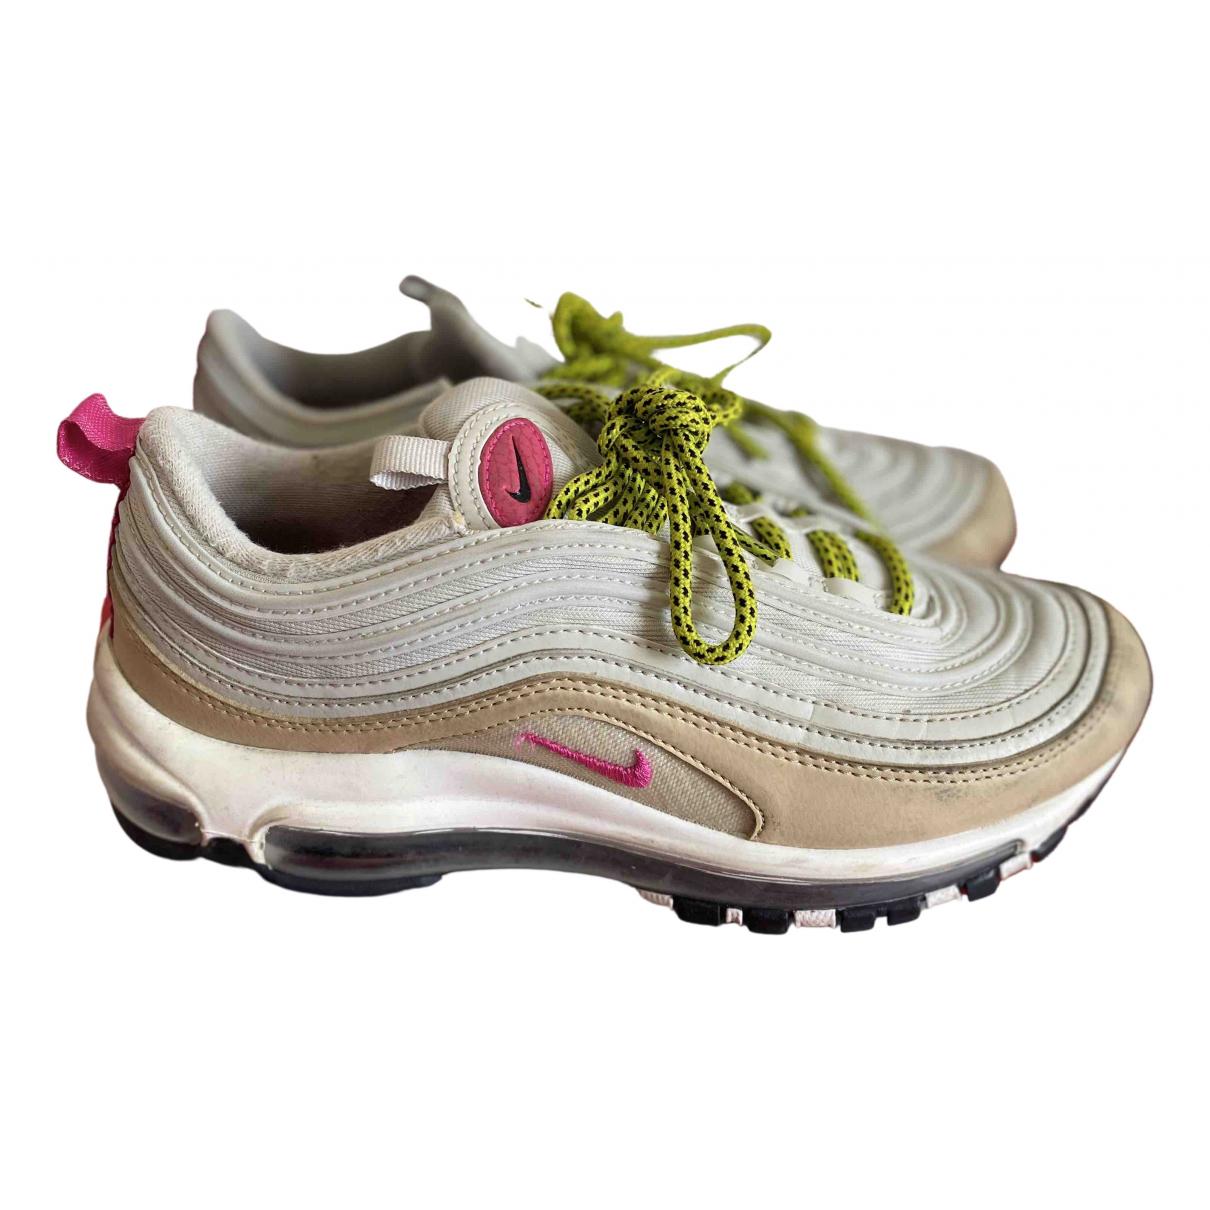 Nike Air Max 97 Multicolour Trainers for Women 38.5 EU